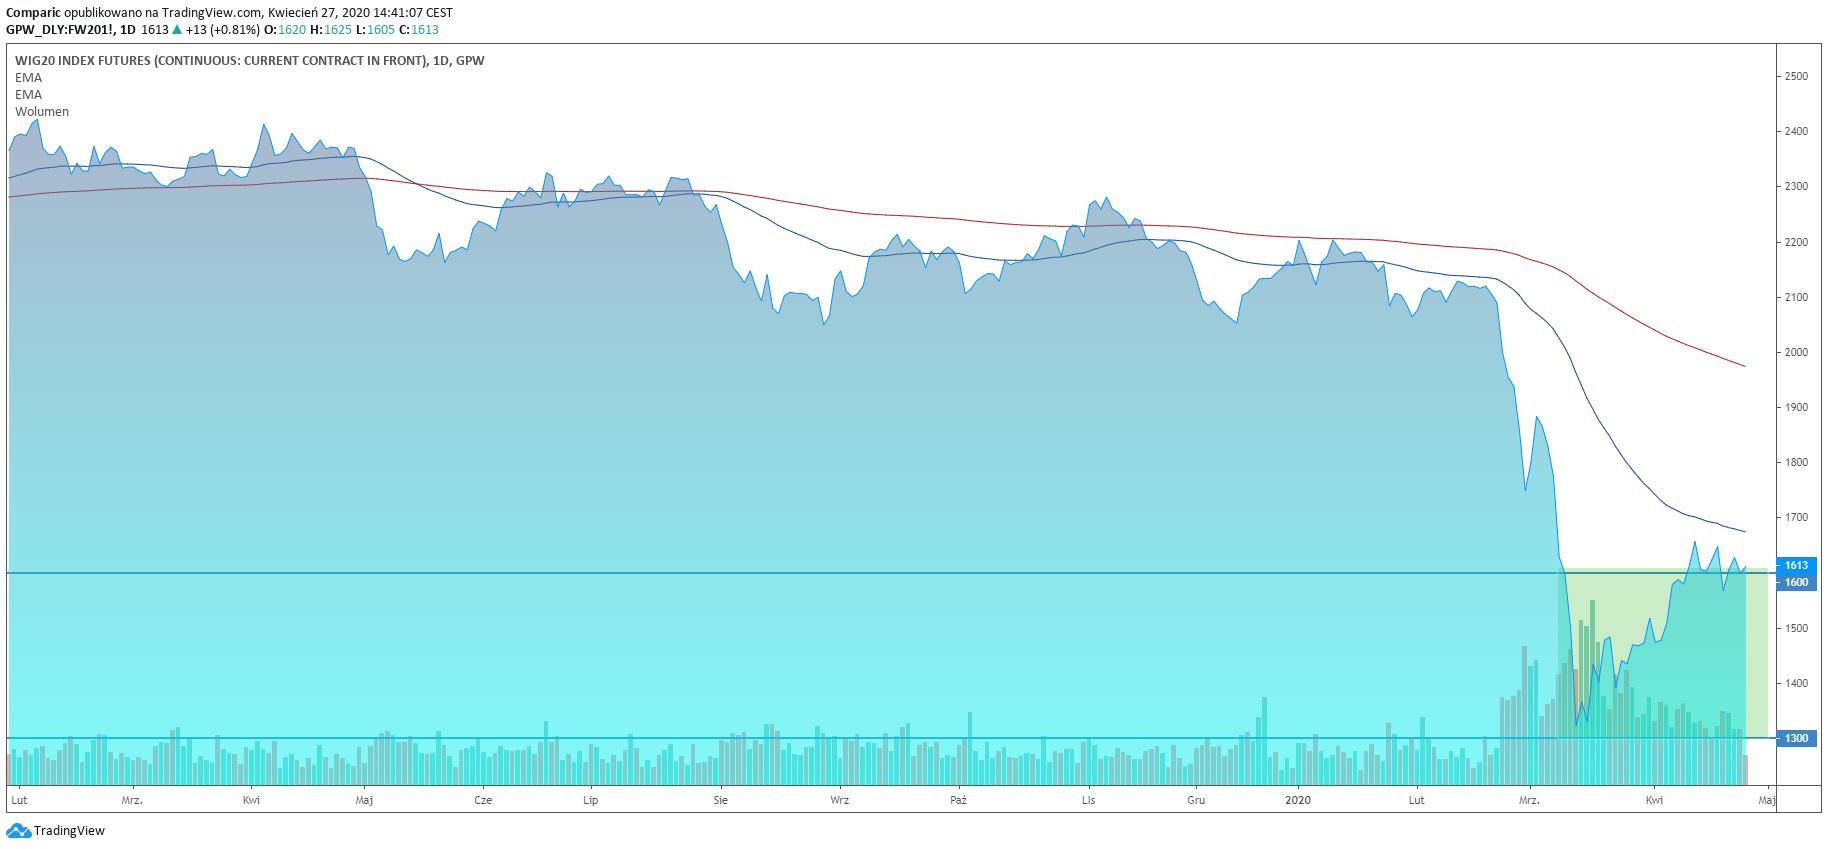 Strefa WIG20, w której zdaniem Chodkowskiego będzie konsolował indeks. Źródło: Tradingview.com